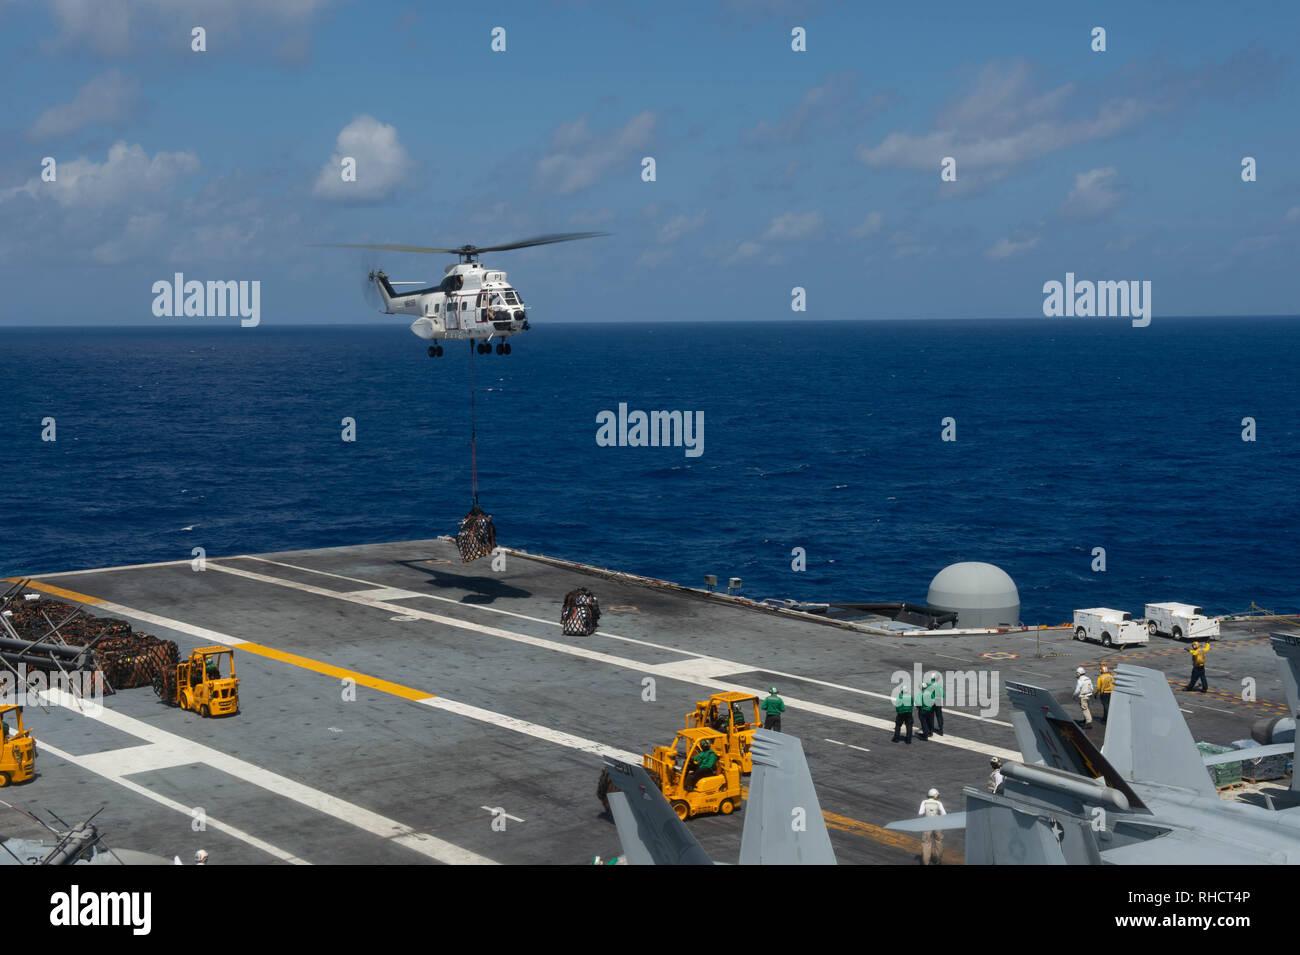 Un SA-330J hélicoptère Puma décharge la cargaison sur le pont d'envol du porte-avions USS JOHN C. STENNIS (CVN 74) au cours d'un ravitaillement en mer dans l'Océan Indien, le 31 janvier 2019. Le John C. Stennis est déployé pour la 7è zone des opérations de la flotte à l'appui de la sécurité et de la stabilité dans la région Indo-Pacifique. (U.S. Photo par marine Spécialiste de la communication de masse Seaman Apprentice Jordanie Ripley) Photo Stock